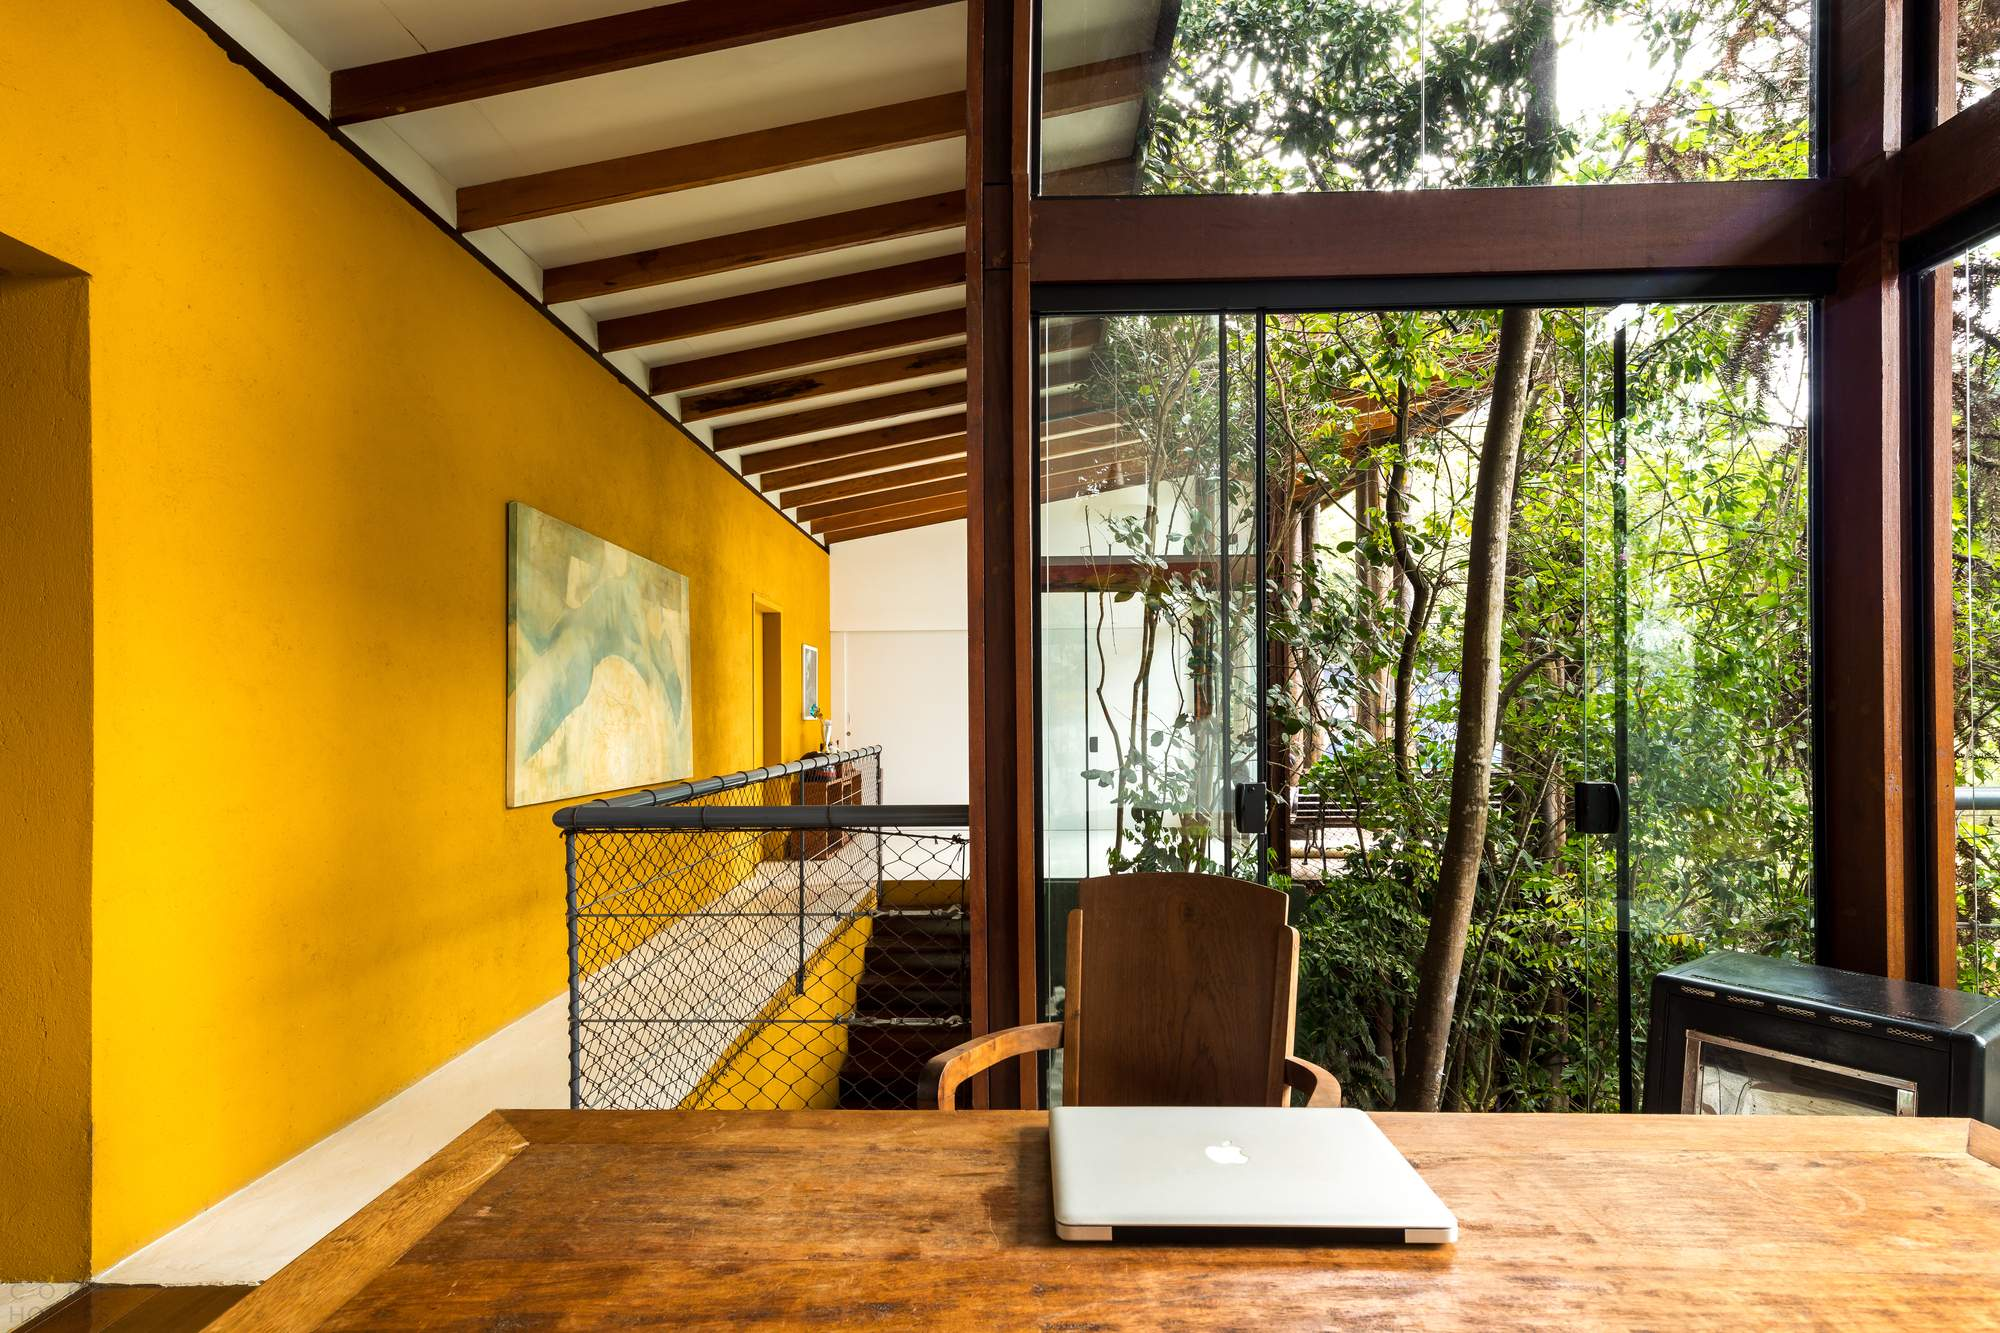 Дом Тинги с интегрированными пространствами, Бразилия